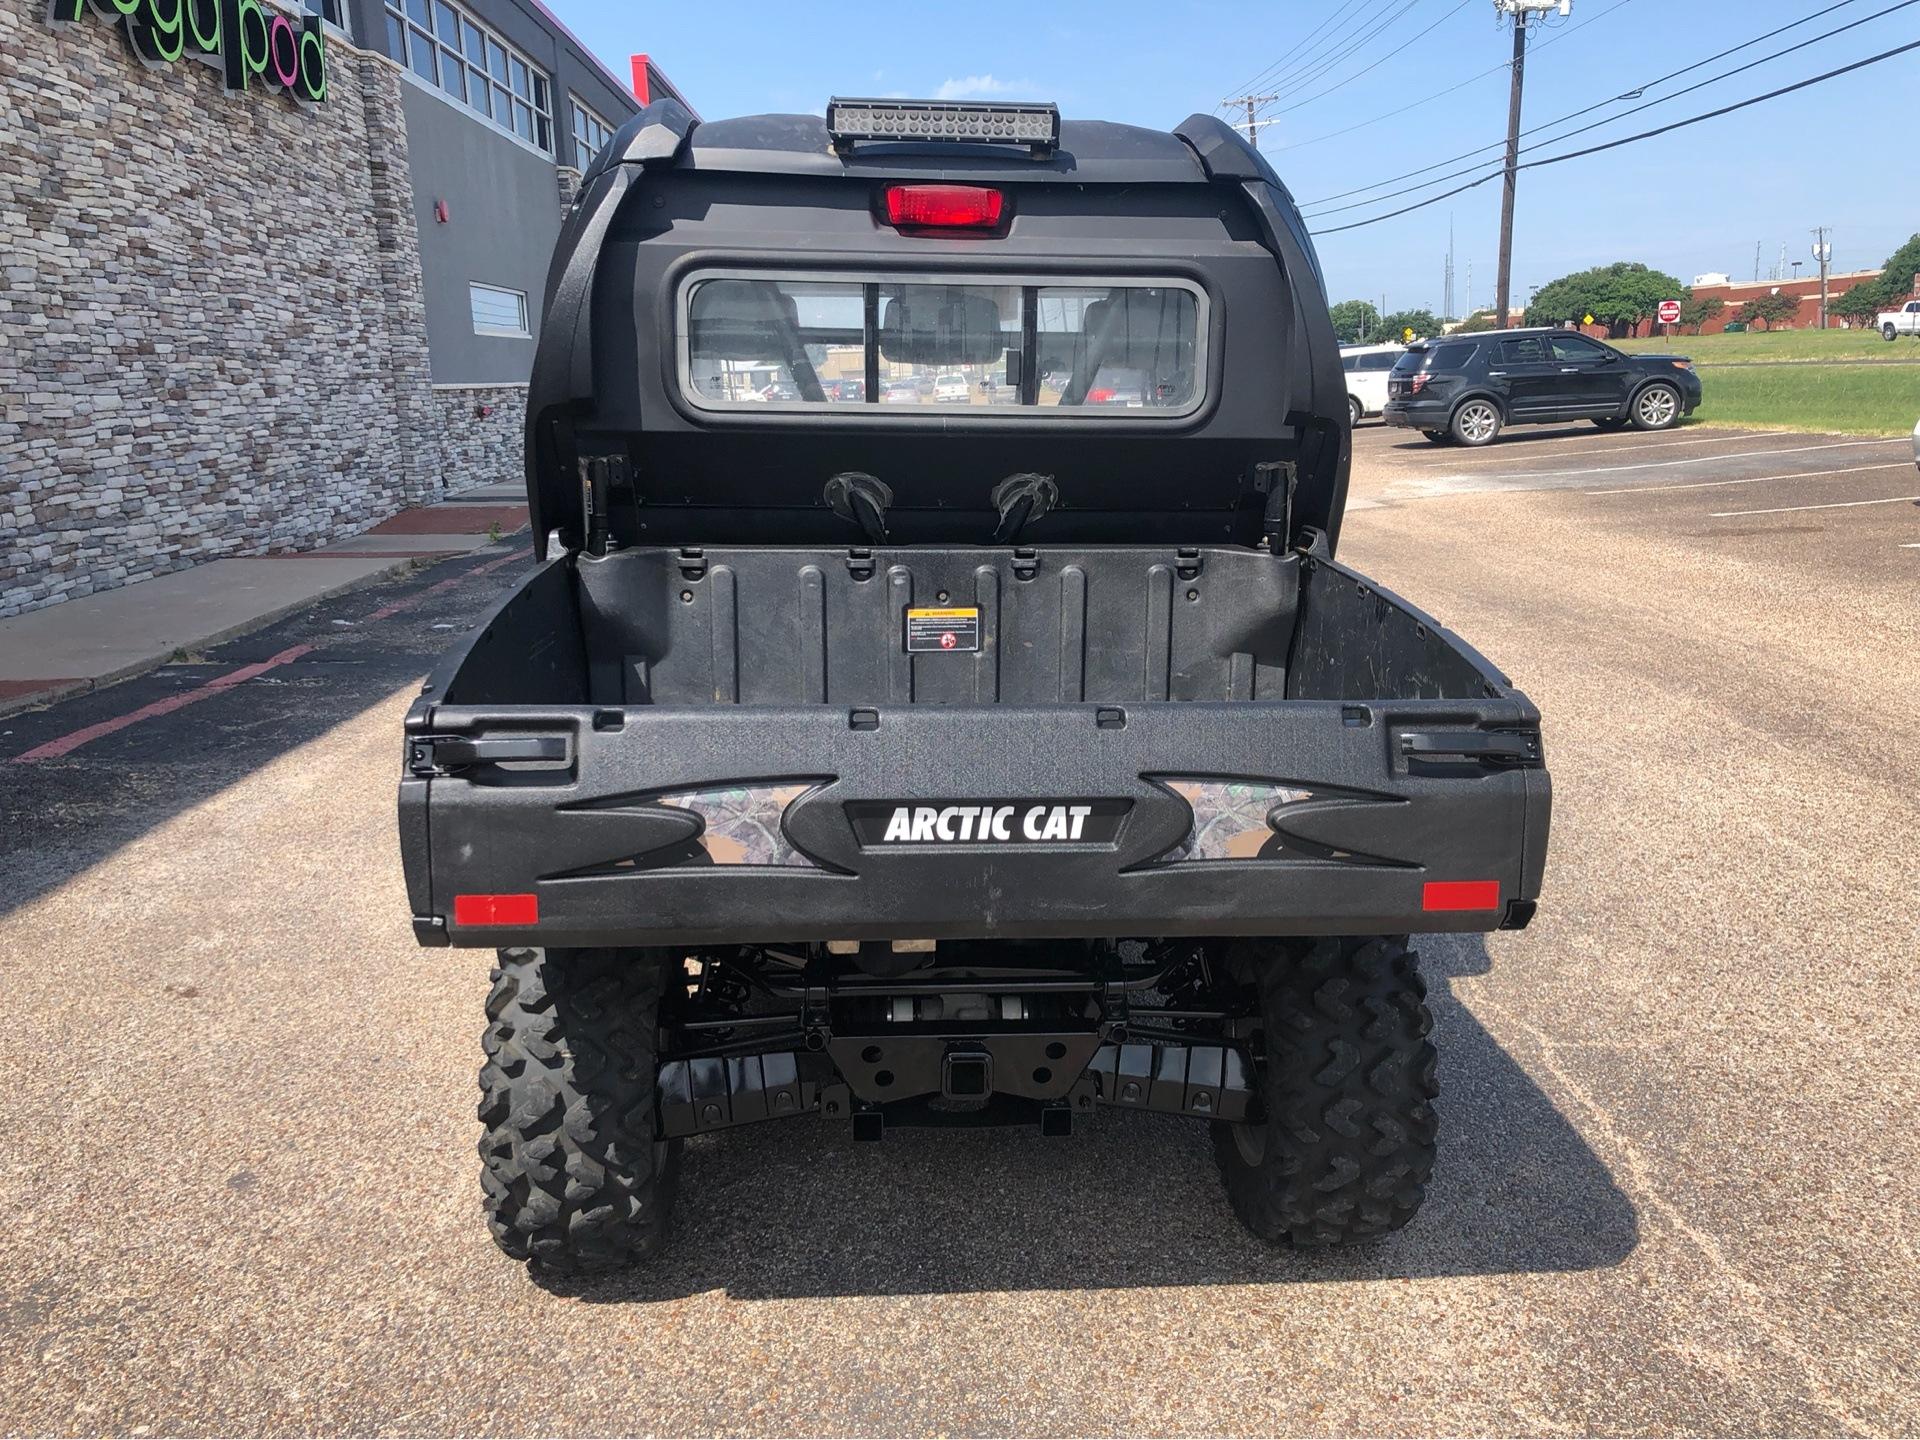 2015 Arctic Cat Prowler® 700 HDX™ XT™ EPS in Waco, Texas